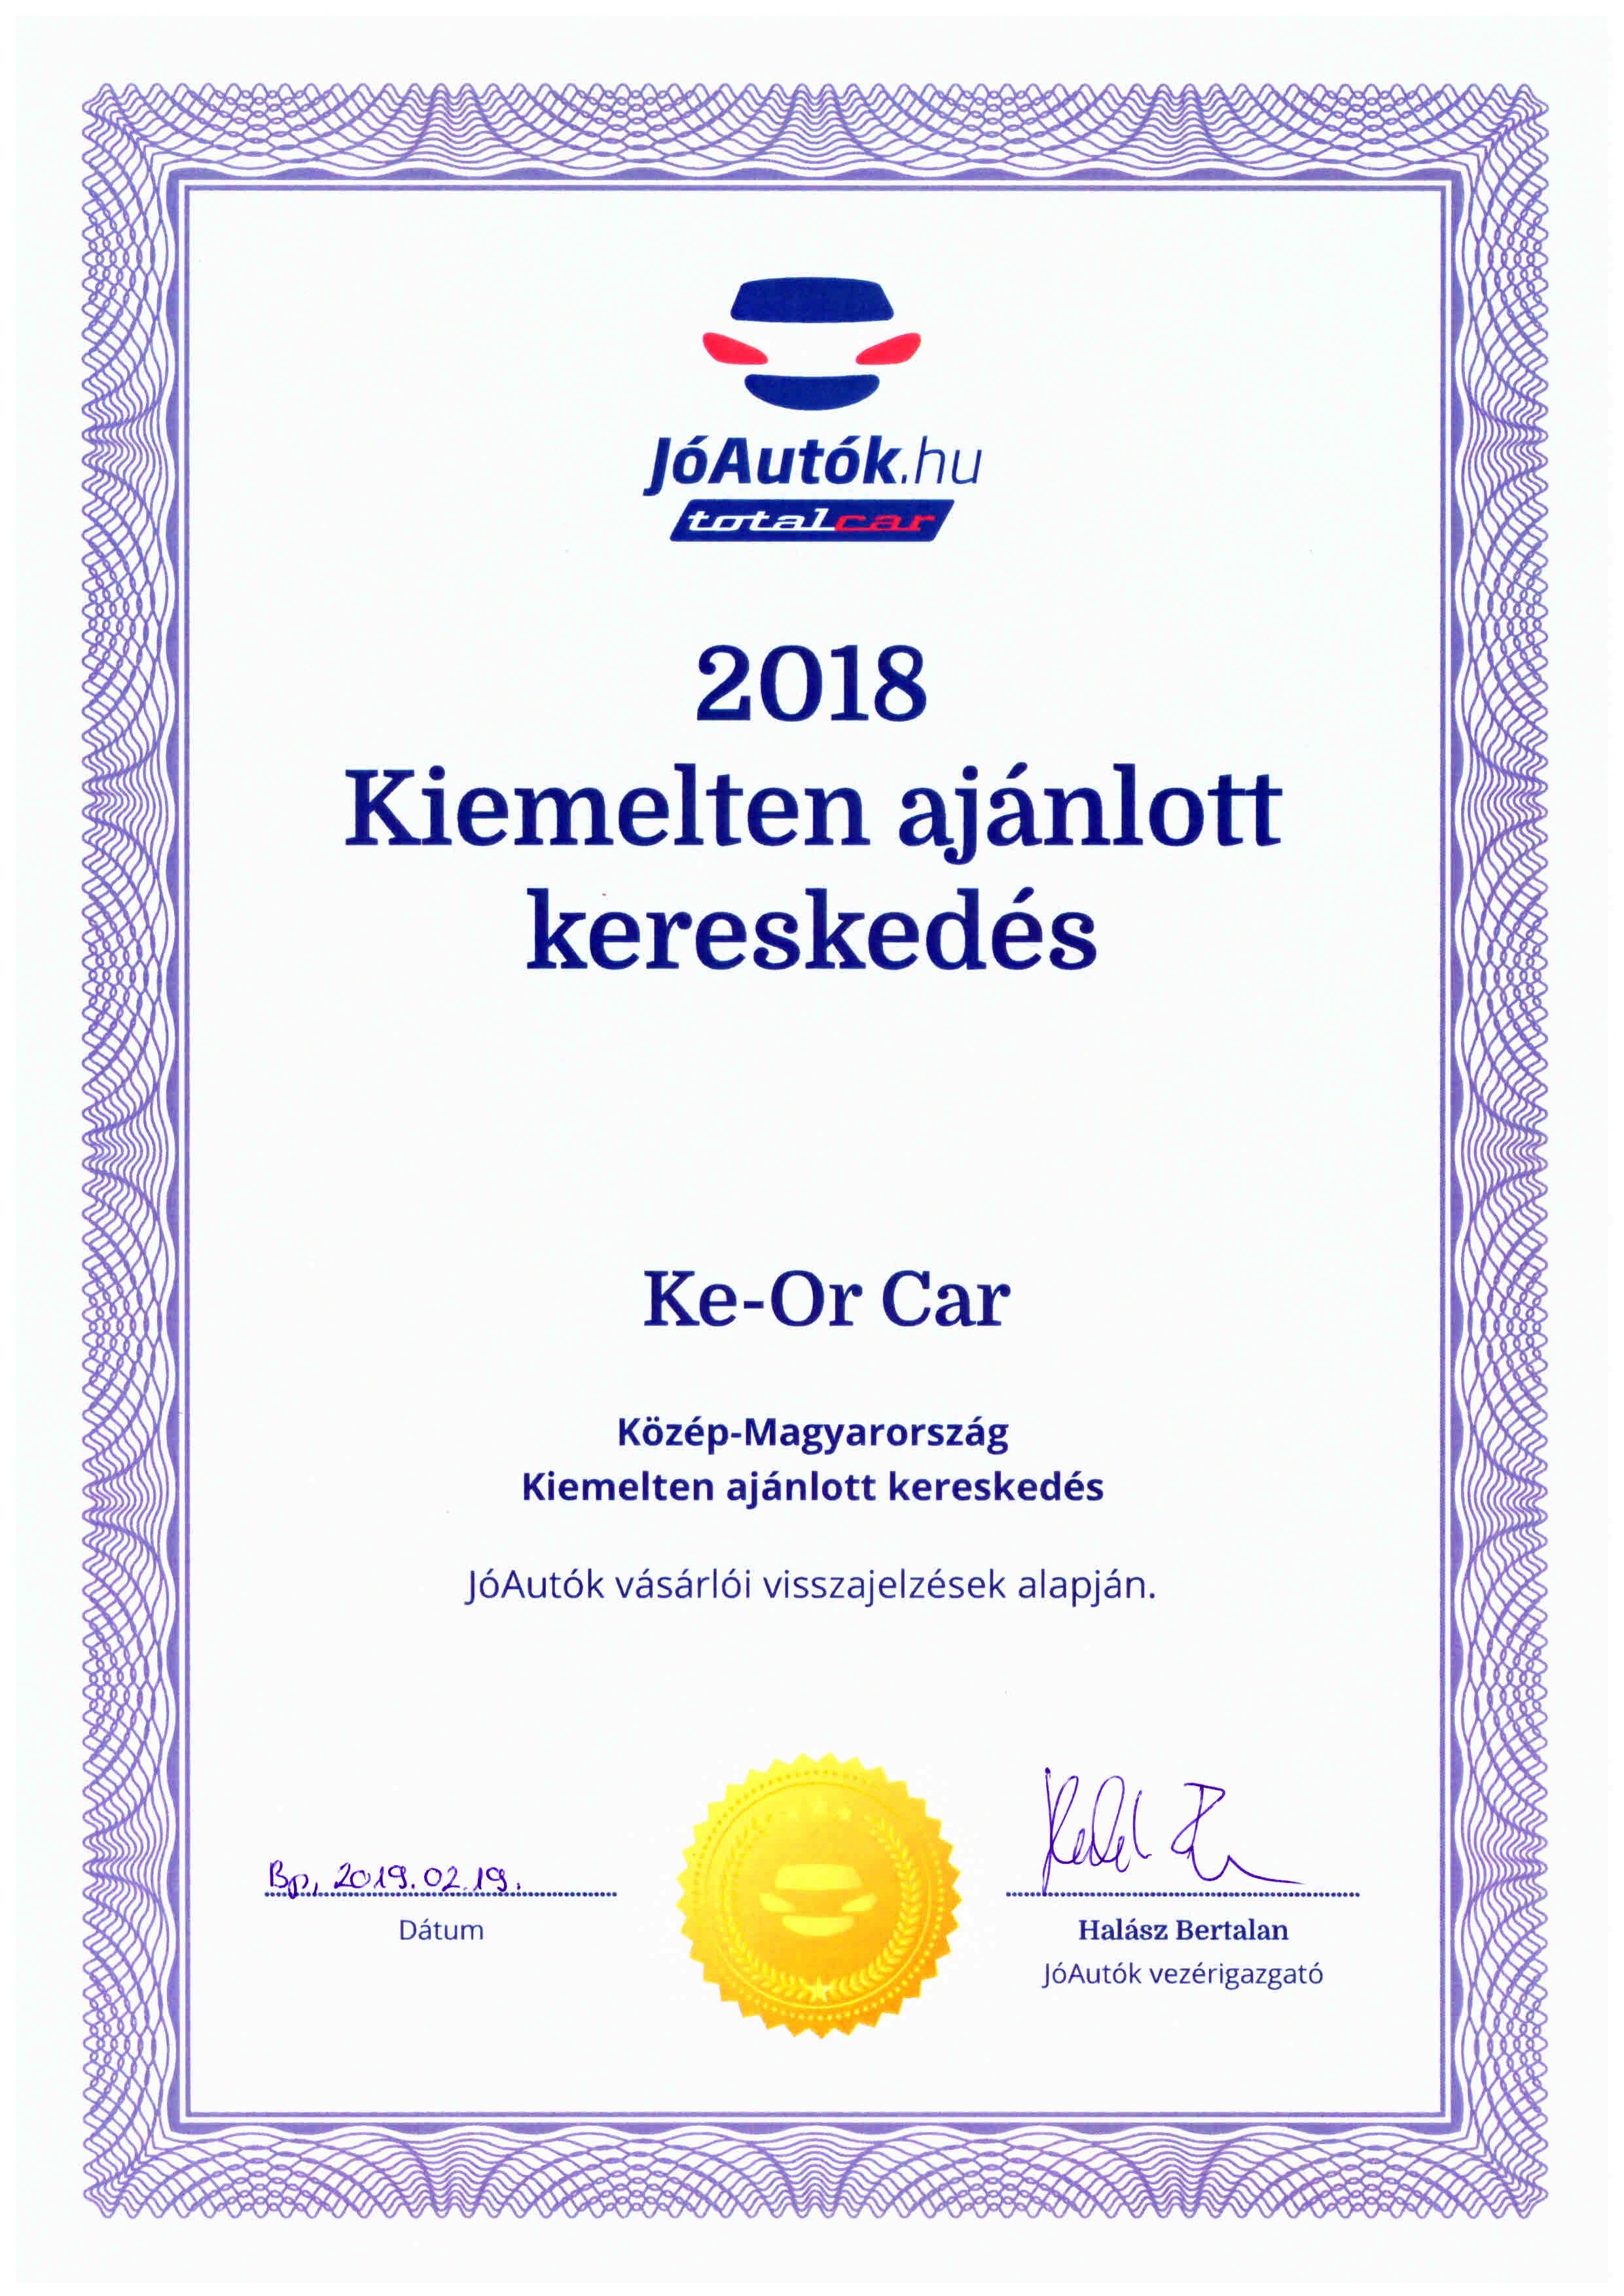 2018. Kiemelten ajánlott autókereskedés